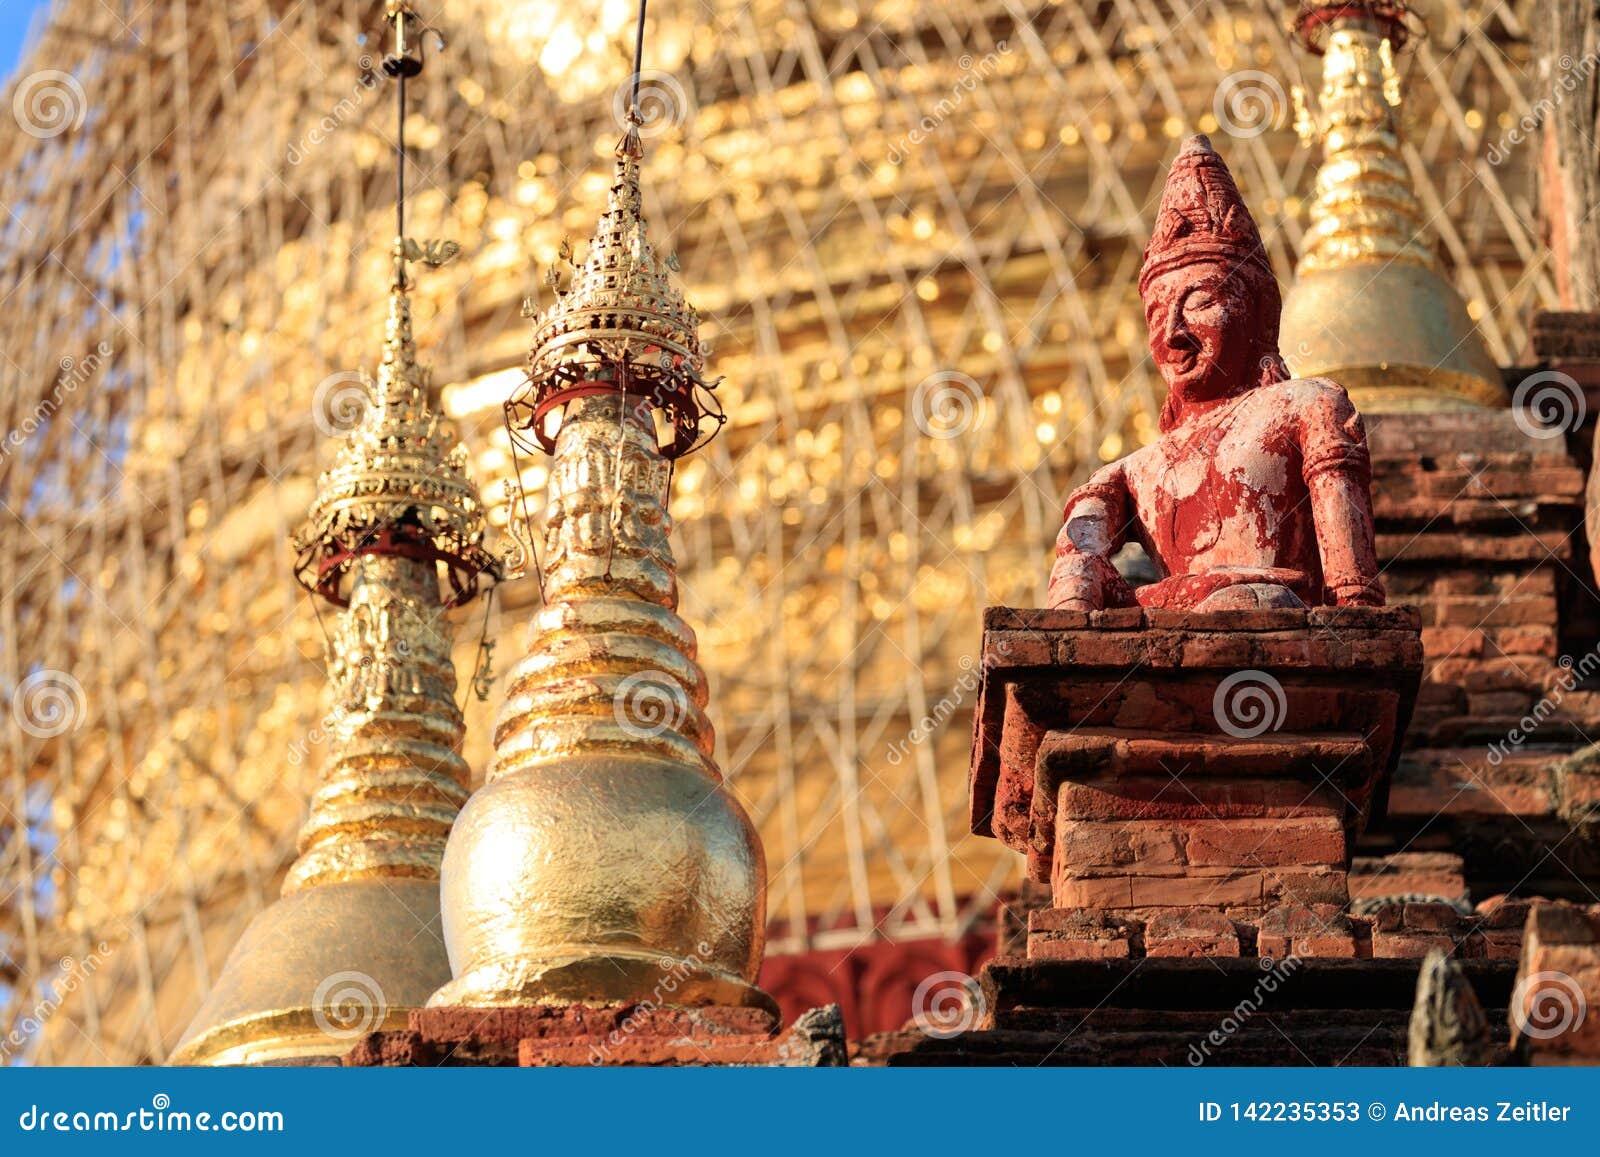 Dettaglio delle tempie antiche in Bagan, Myanmar (Birmania